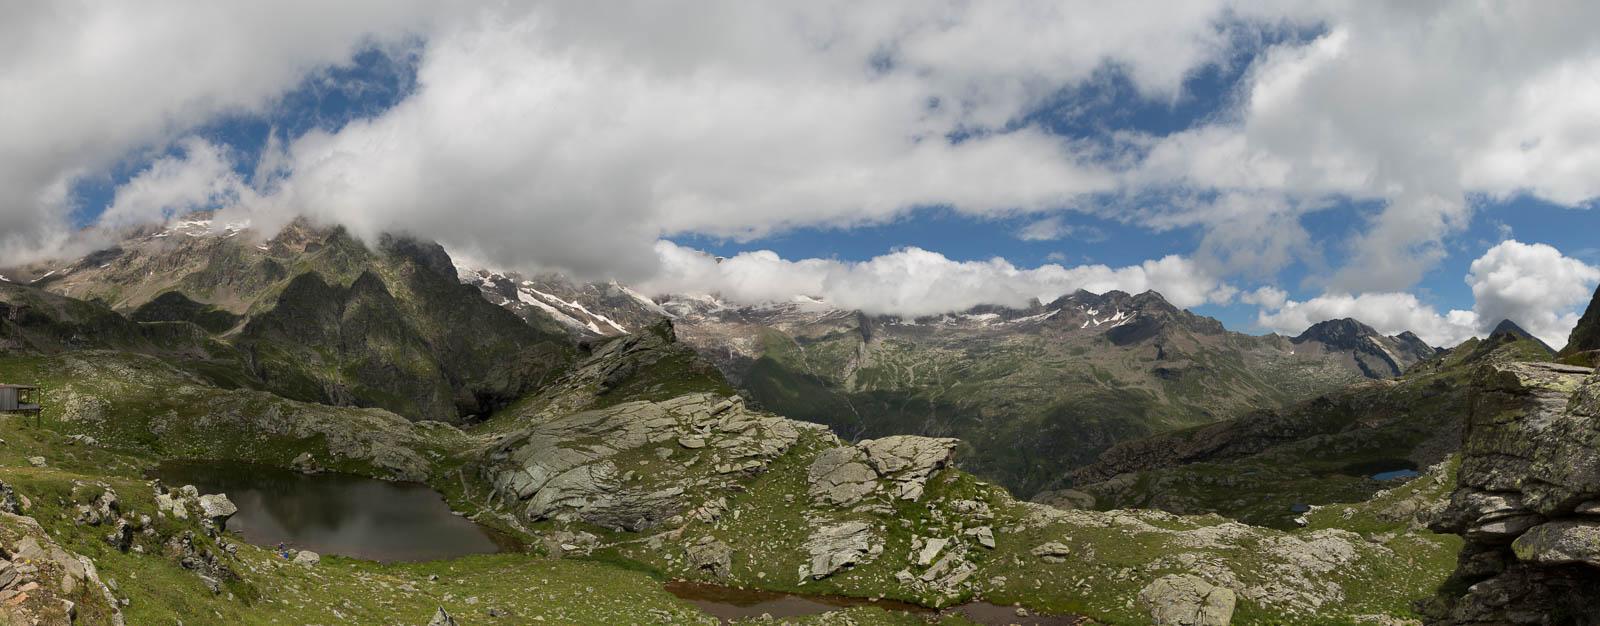 Sicht auf das Monte Rosa Massiv